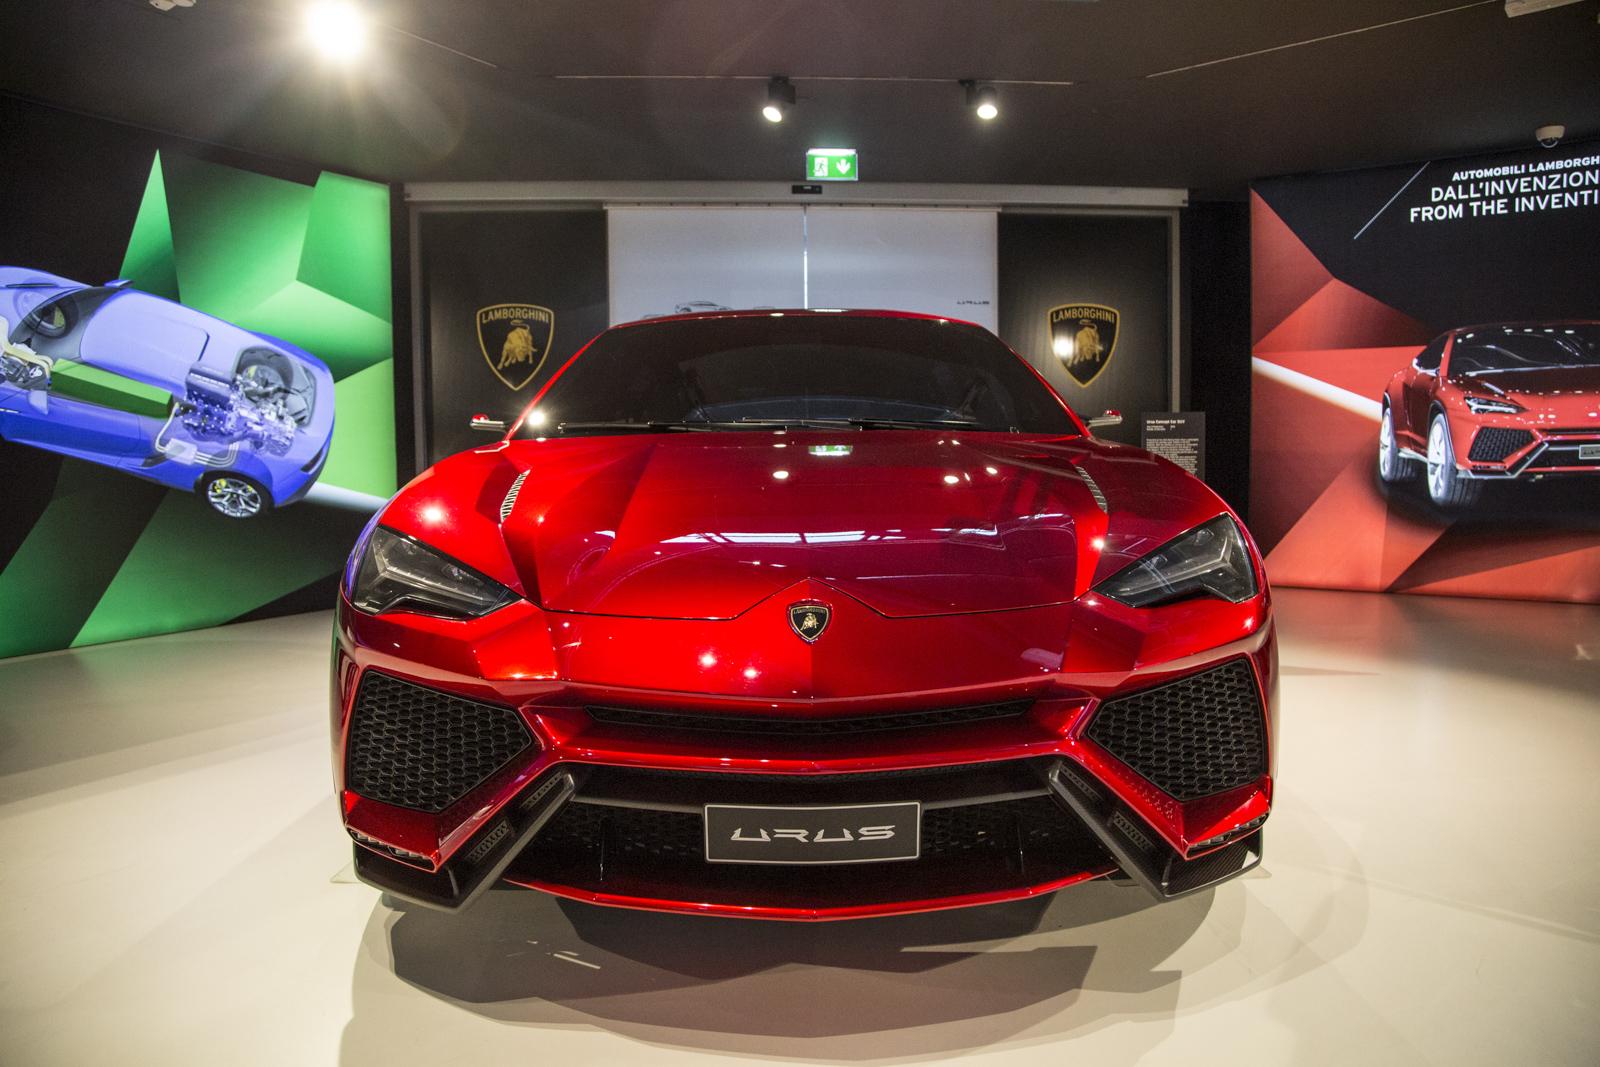 Lamborghini_museum_18